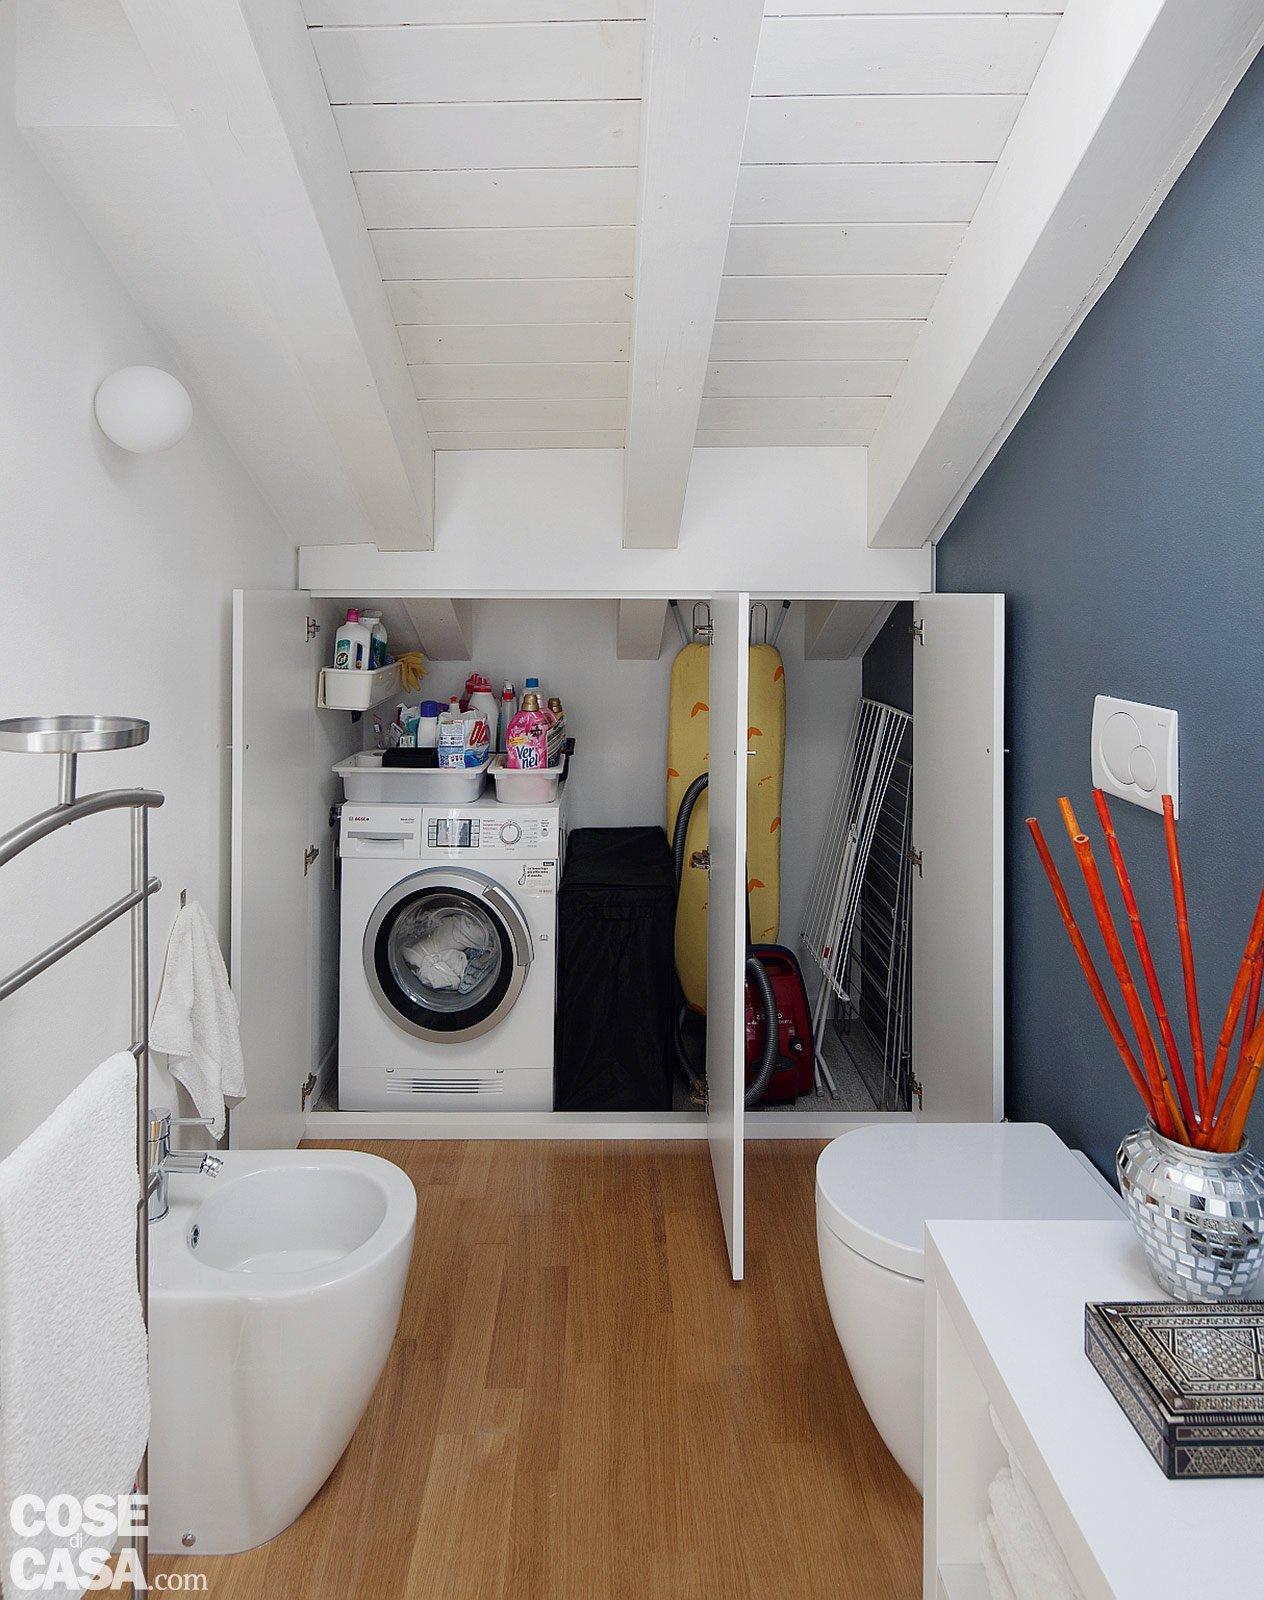 Arredamento bagni piccoli : arredamento bagni piccoli immagini ...